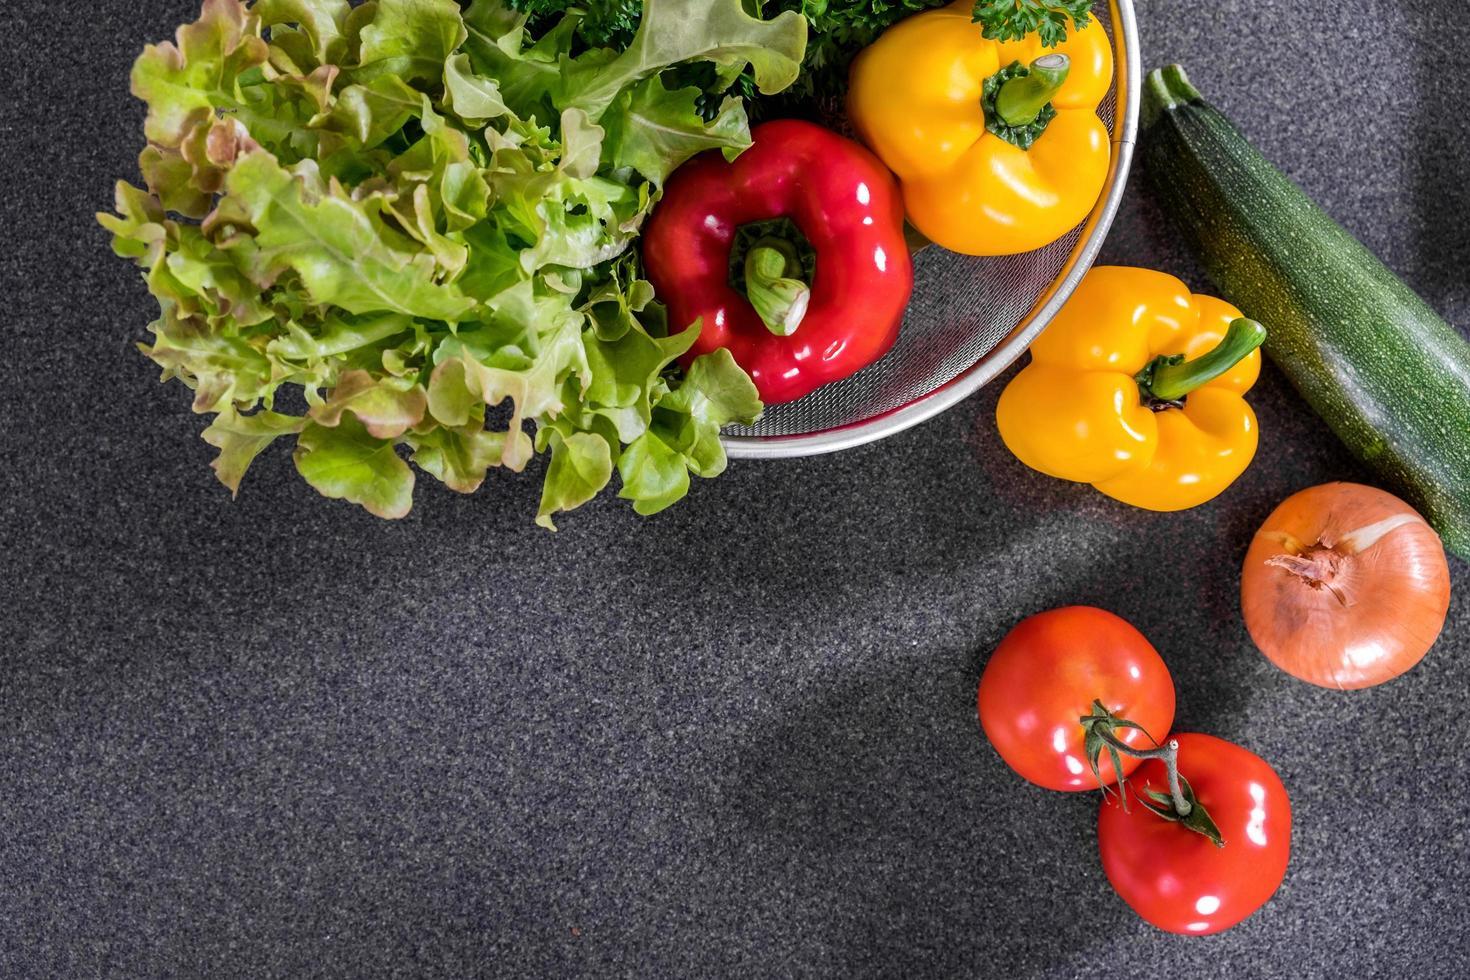 ingrediënten voor salade op granieten aanrecht foto